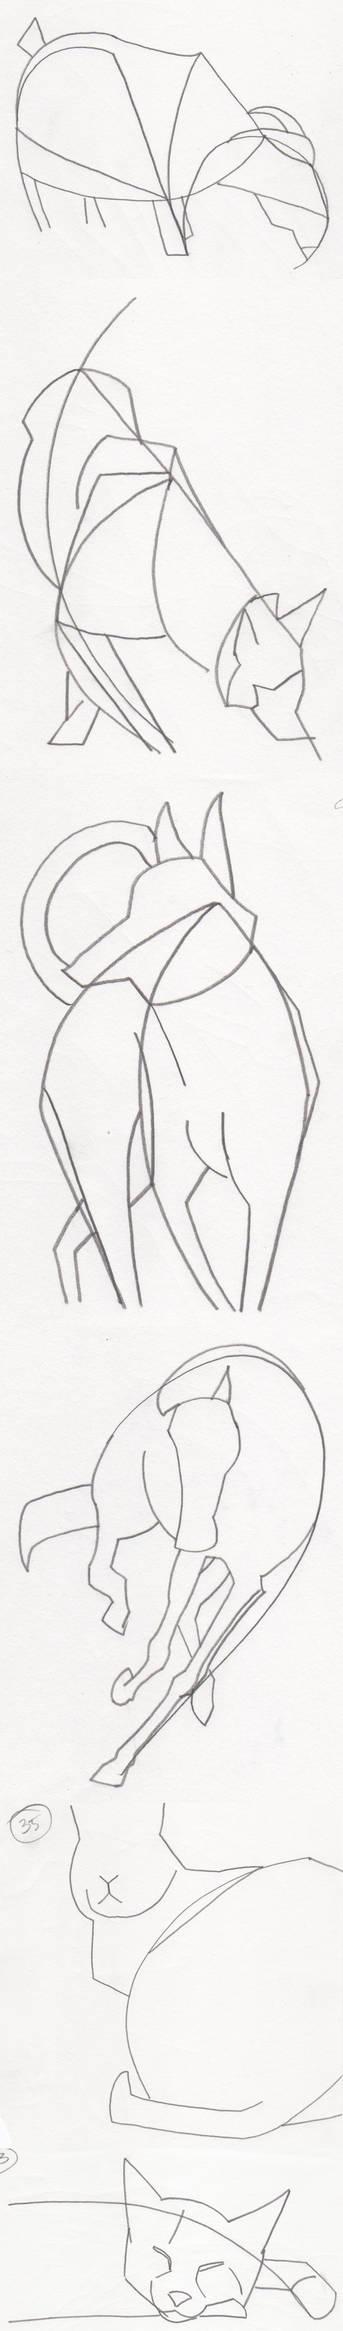 Sketchdump 001 Animals